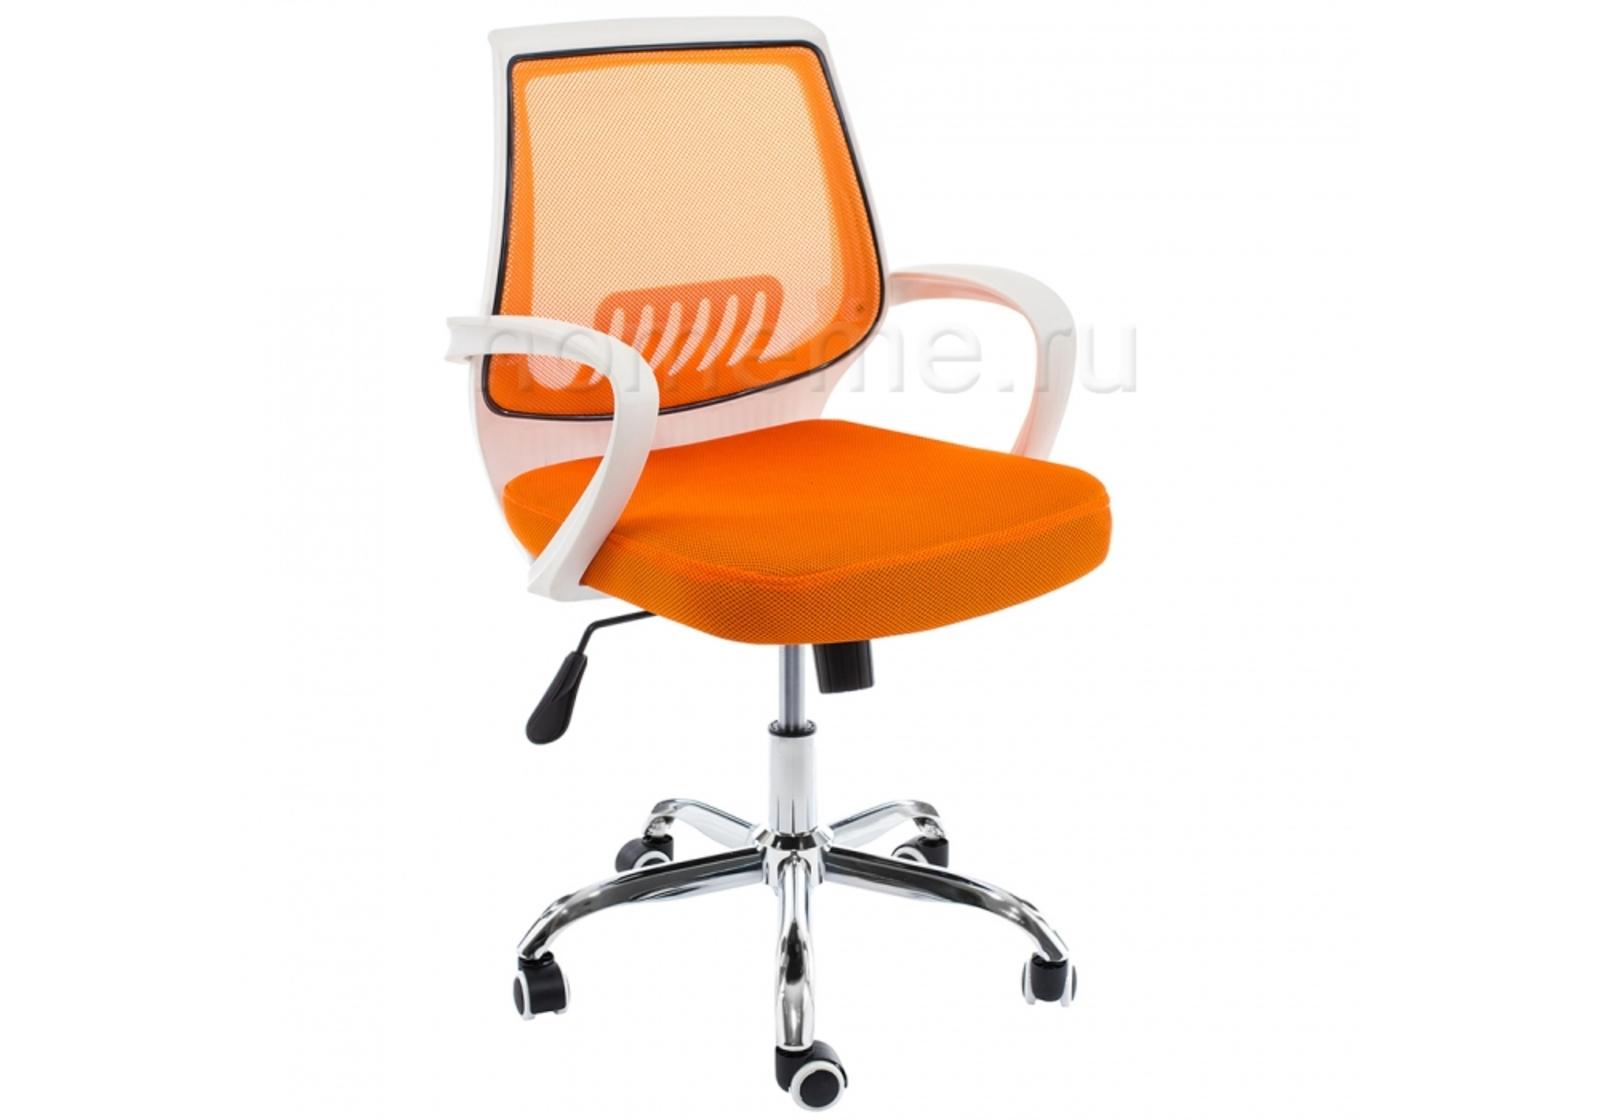 Кресло для офиса HomeMe Ergoplus белое / оранжевое 1972 от Homeme.ru